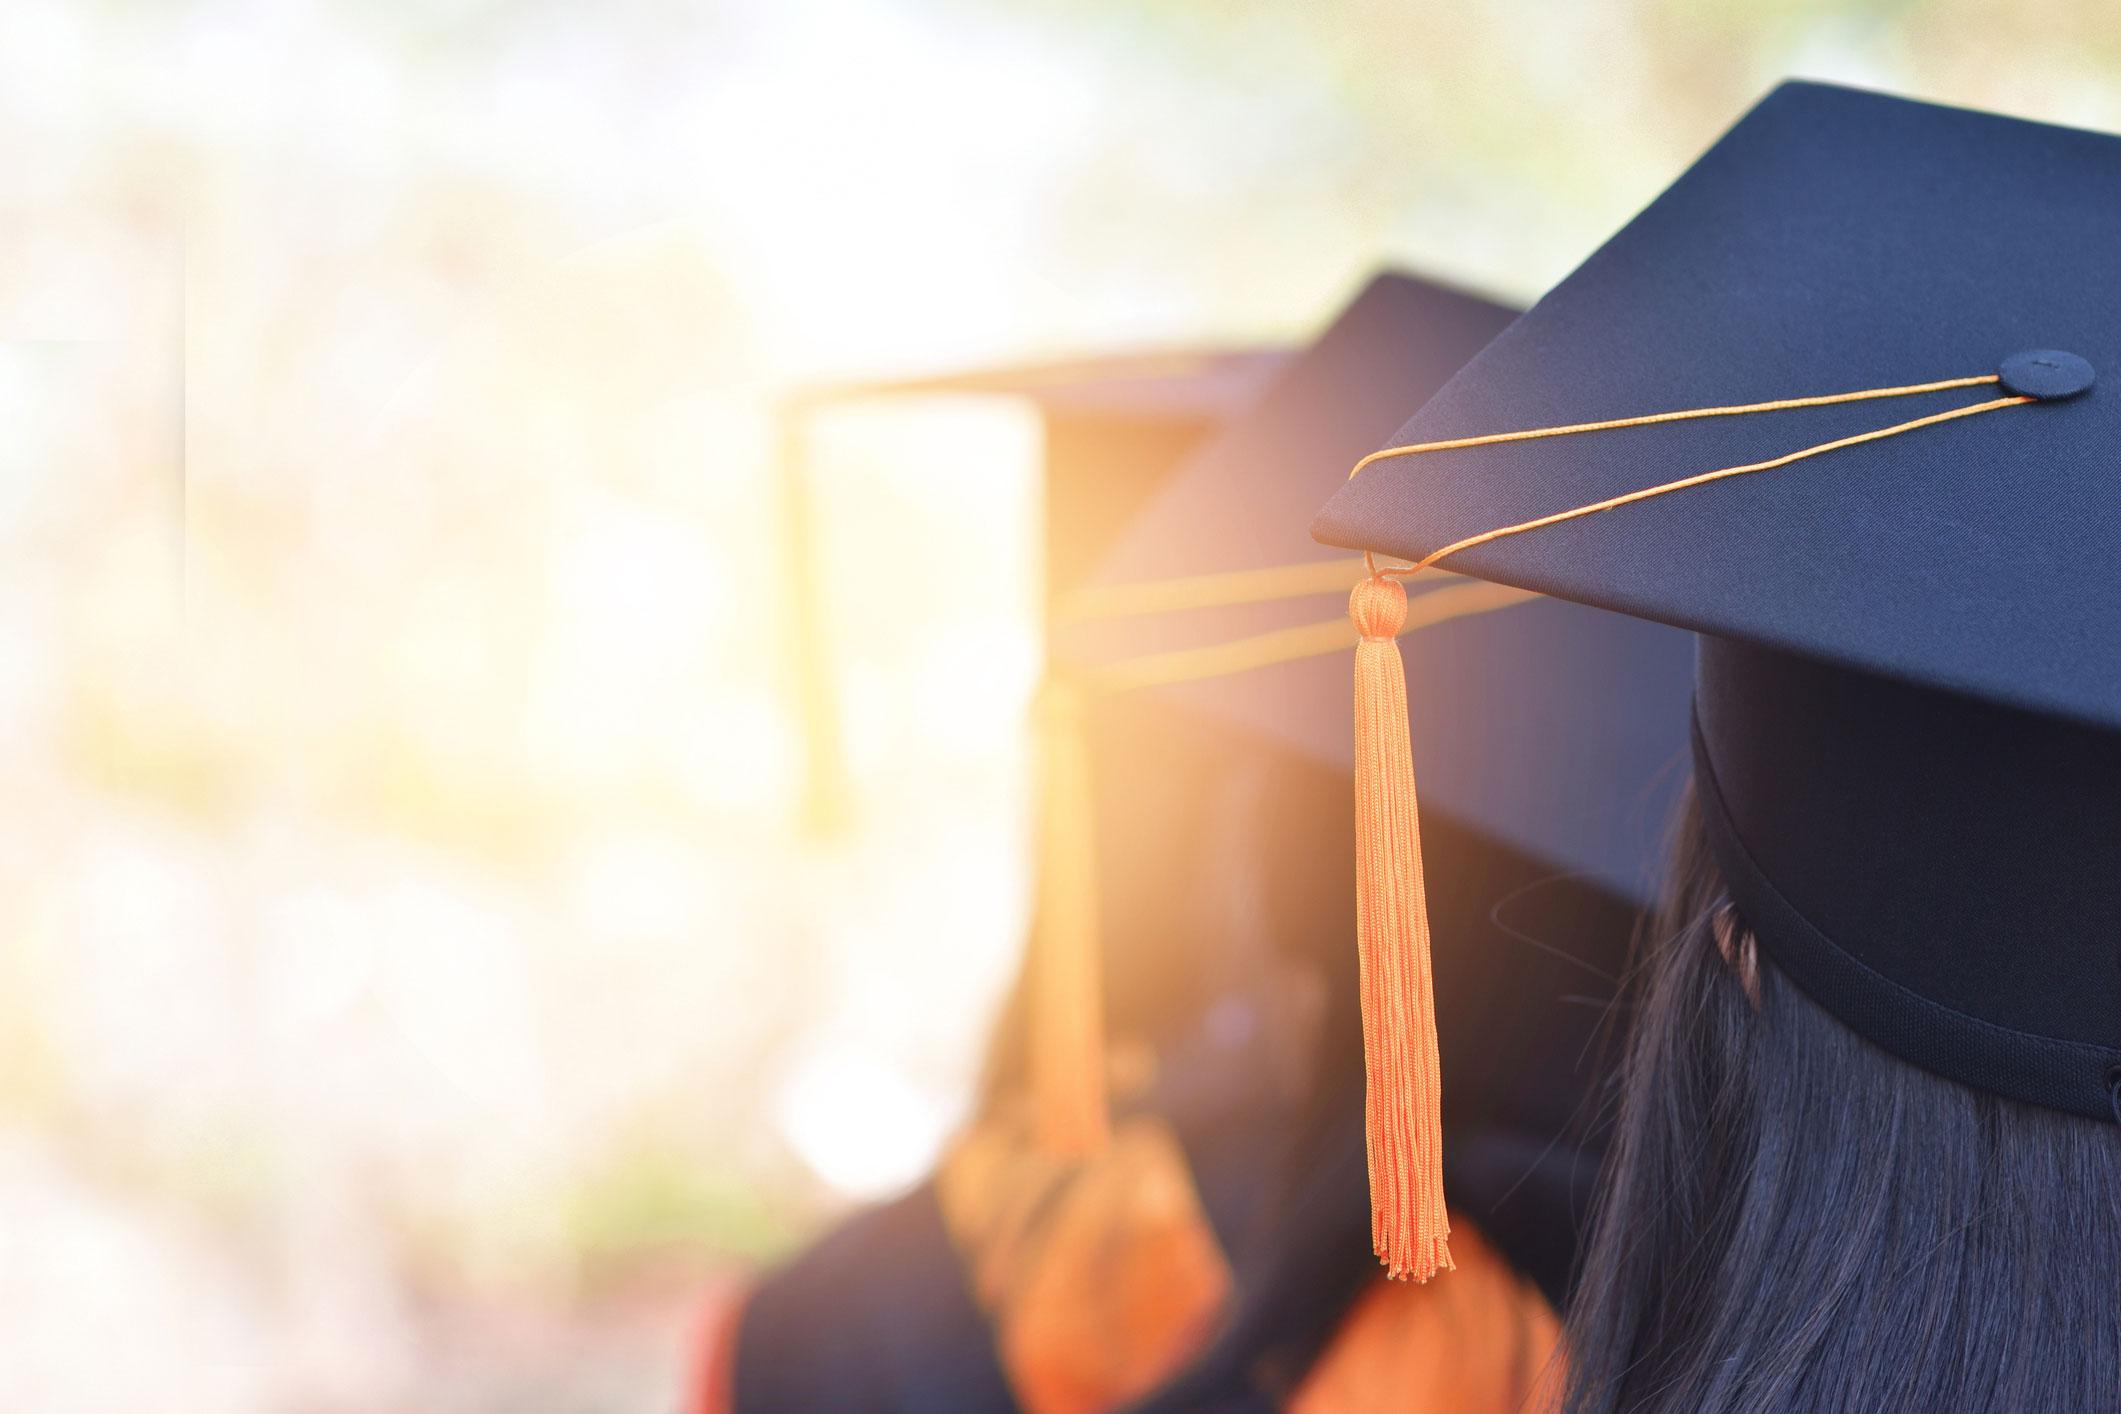 graduates with caps on